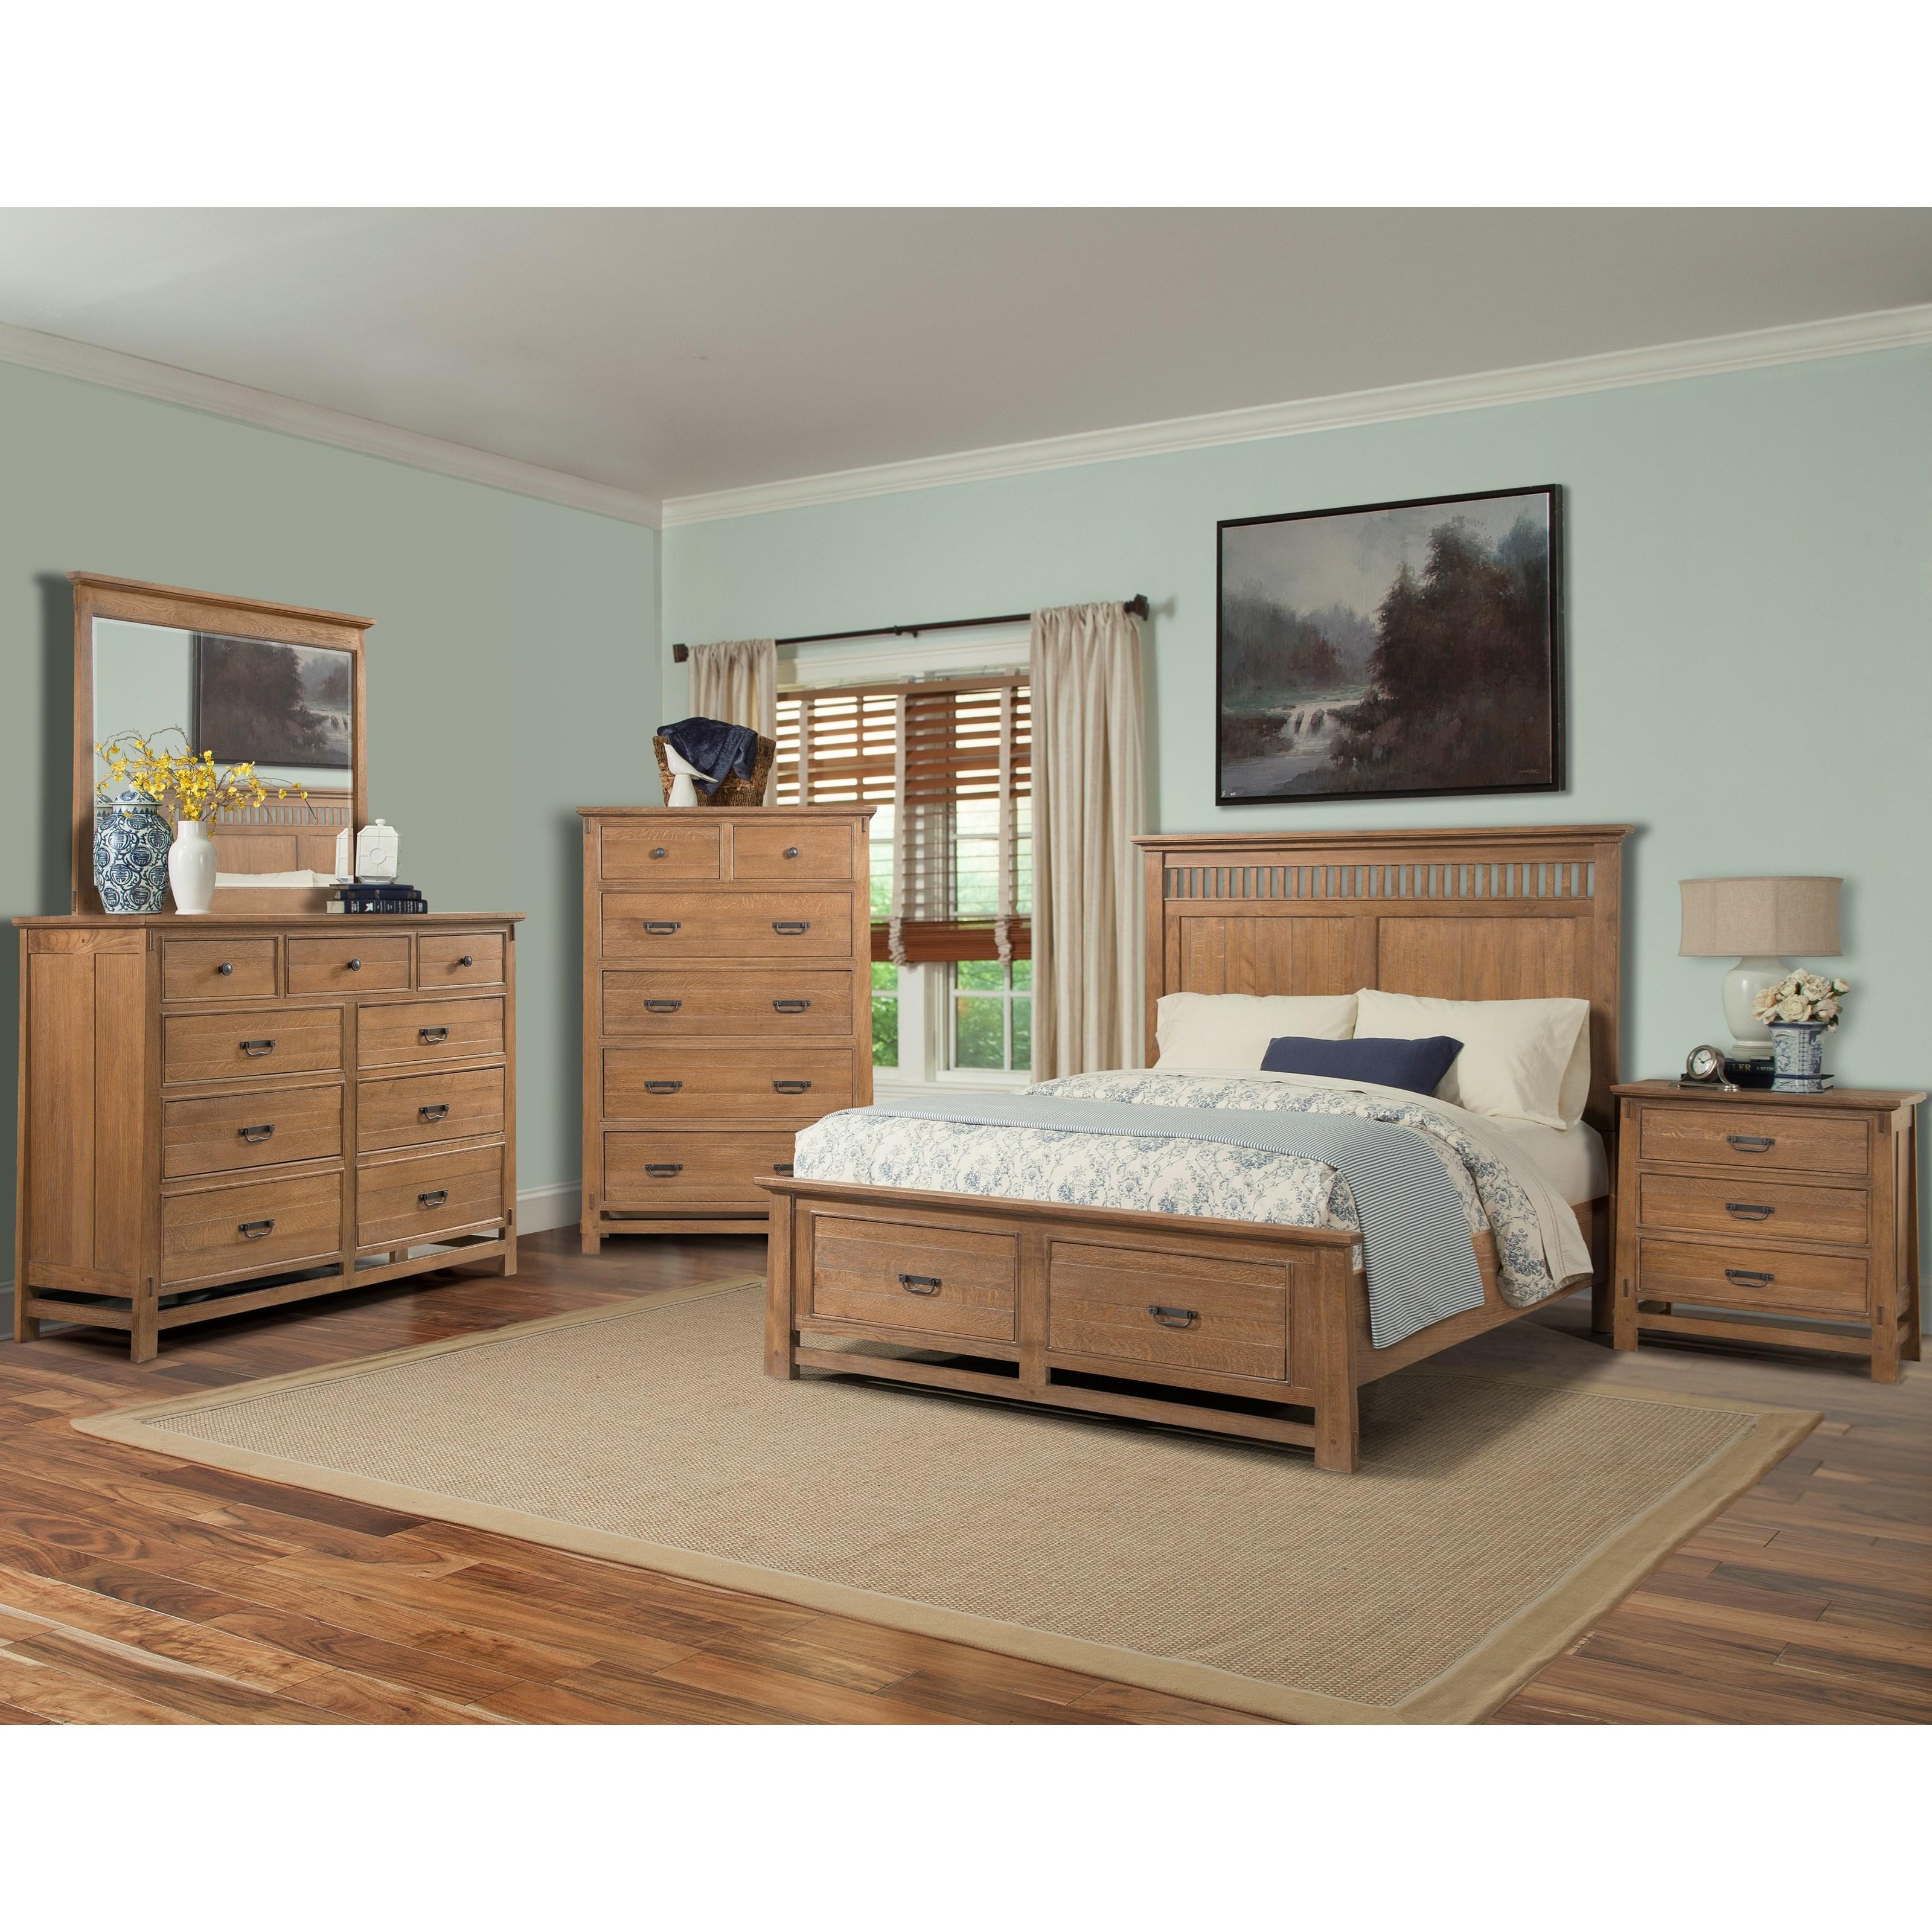 Cresent Fine Furniture Camden King Bedroom Group 2 - Item Number: 202 K Bedroom Group 2